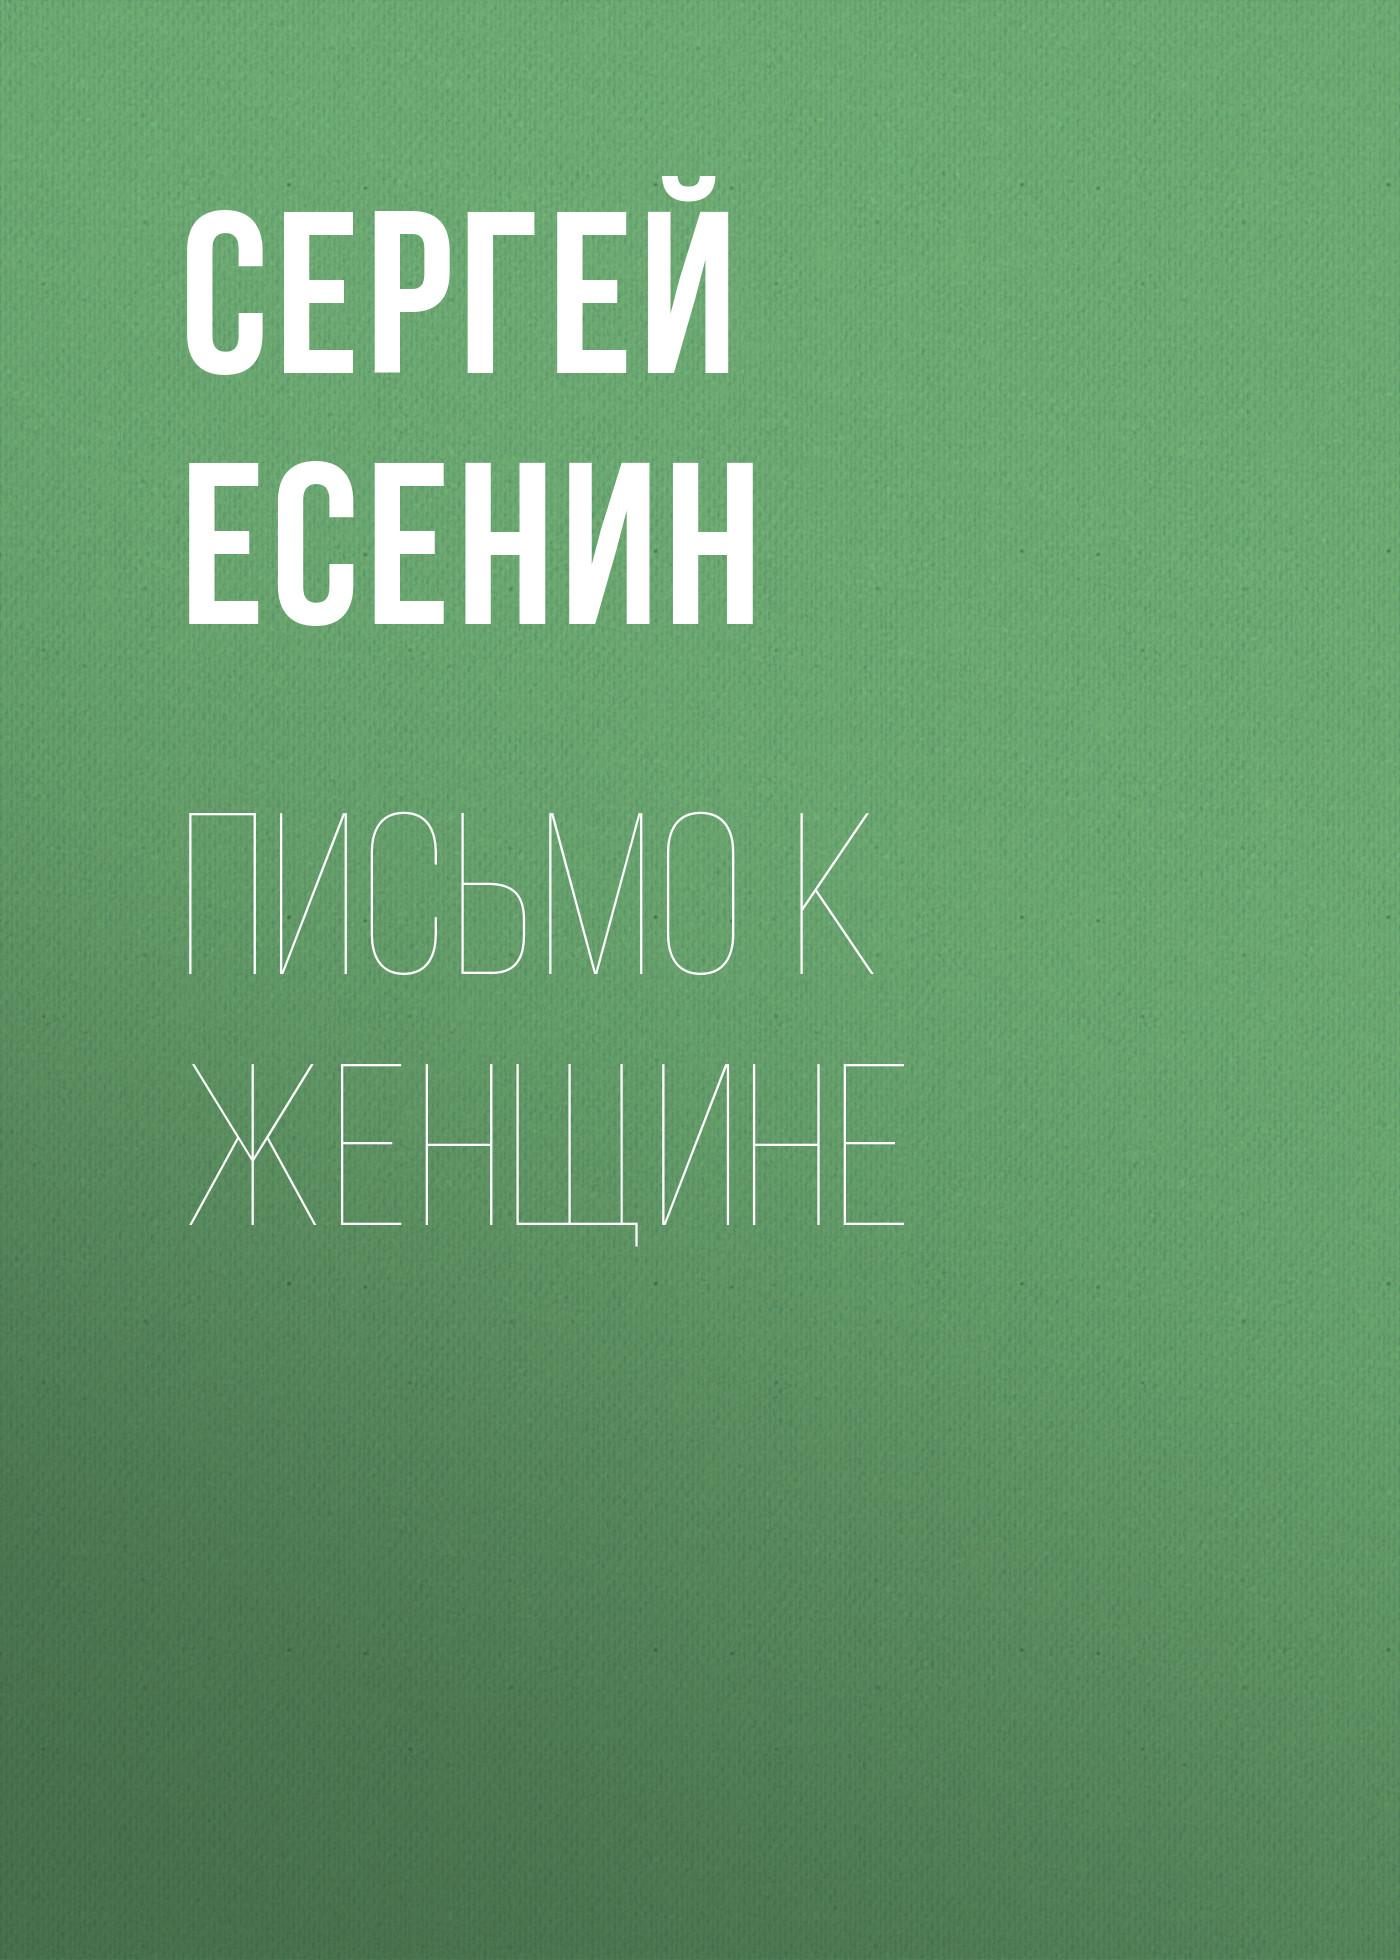 есенин с письмо к женщине поэмы Сергей Есенин Письмо к женщине